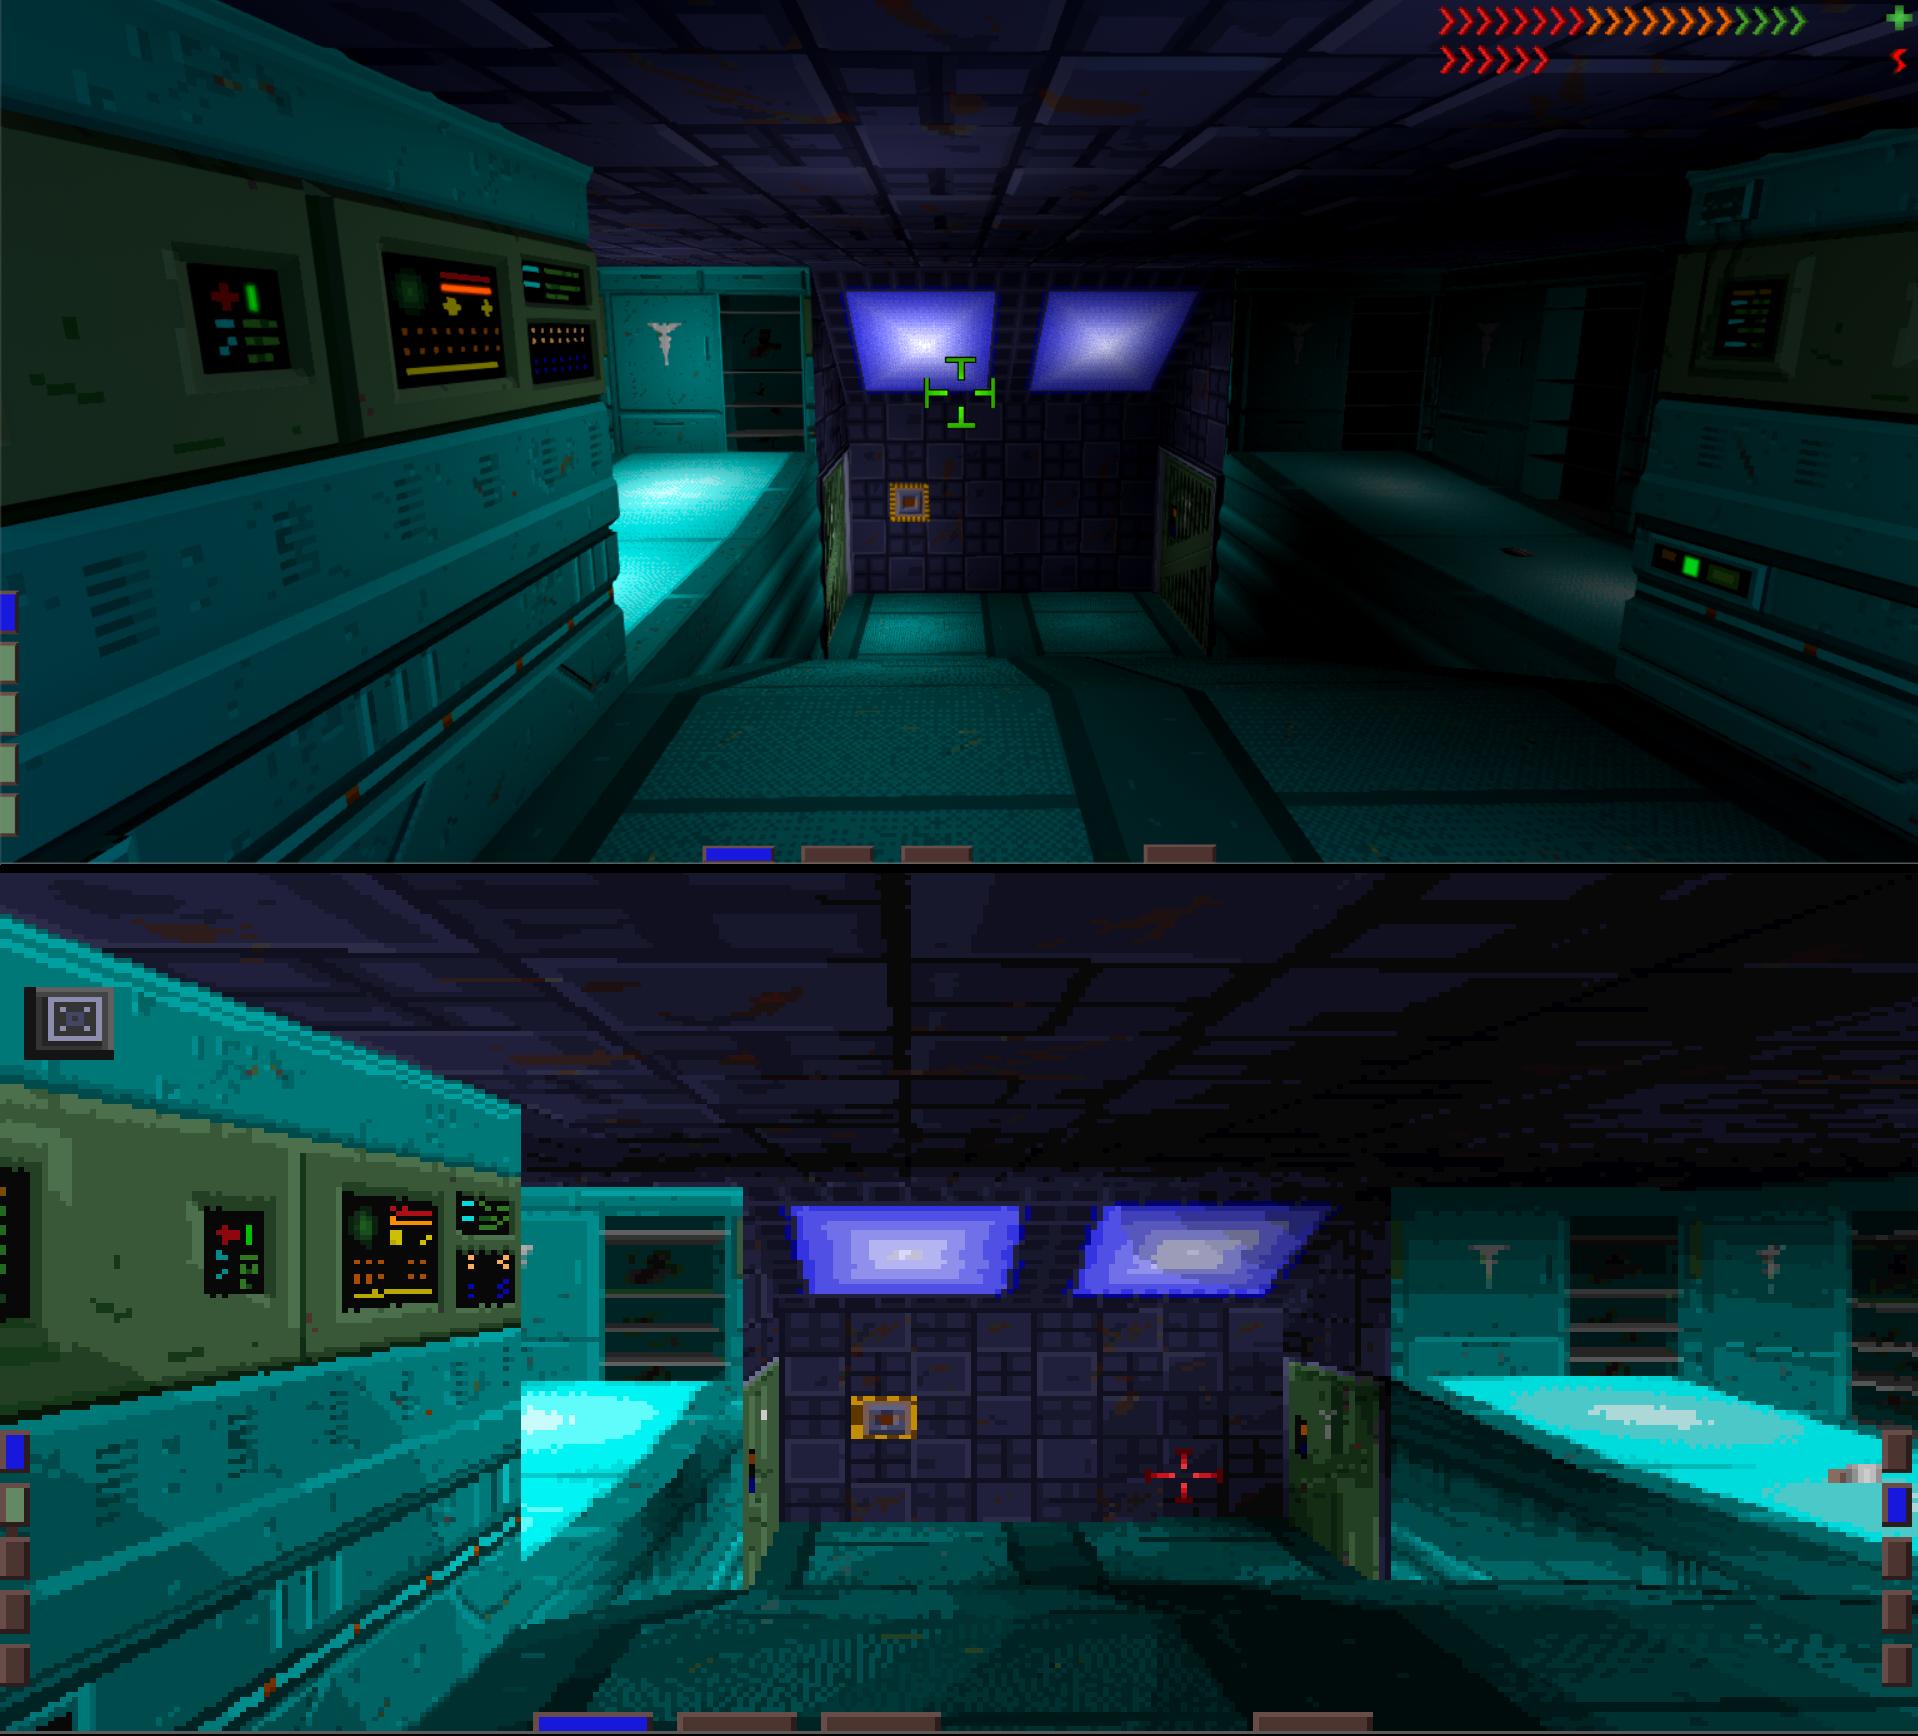 Comparison of Citadel's enhanced geometry versus original game.